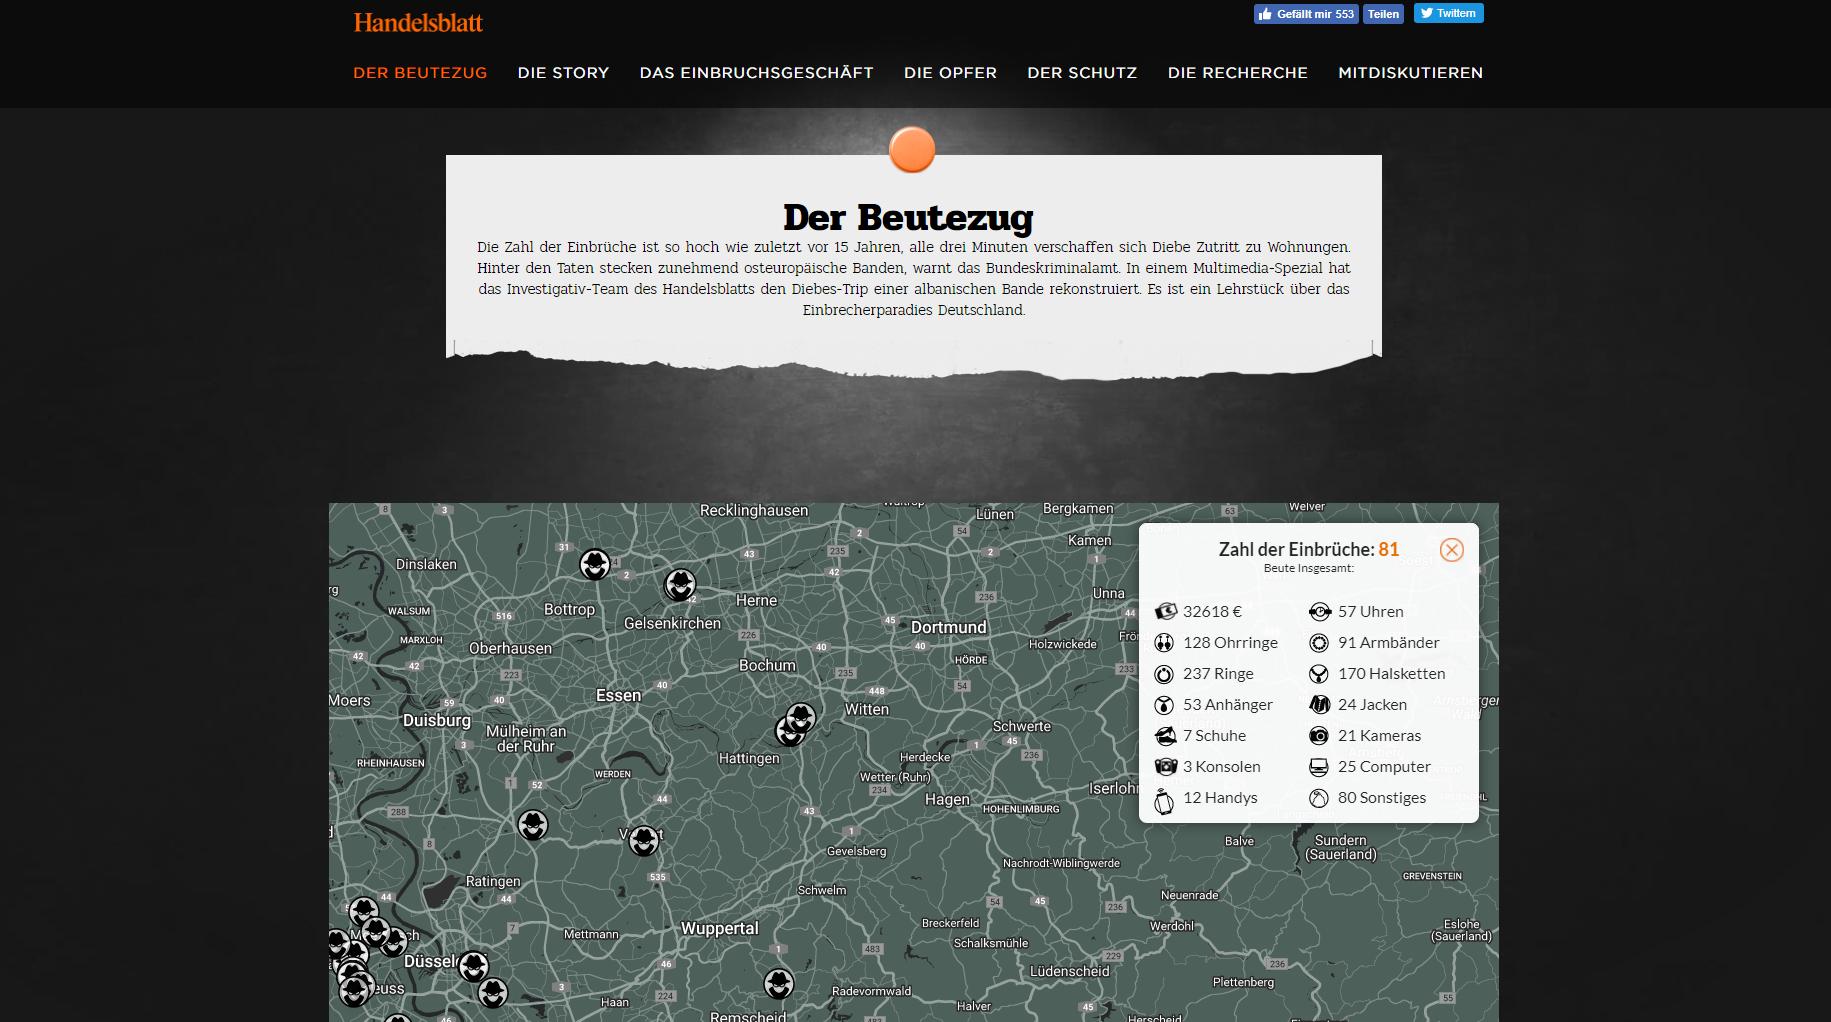 Der Beutezug / Handelsblatt Screenshot